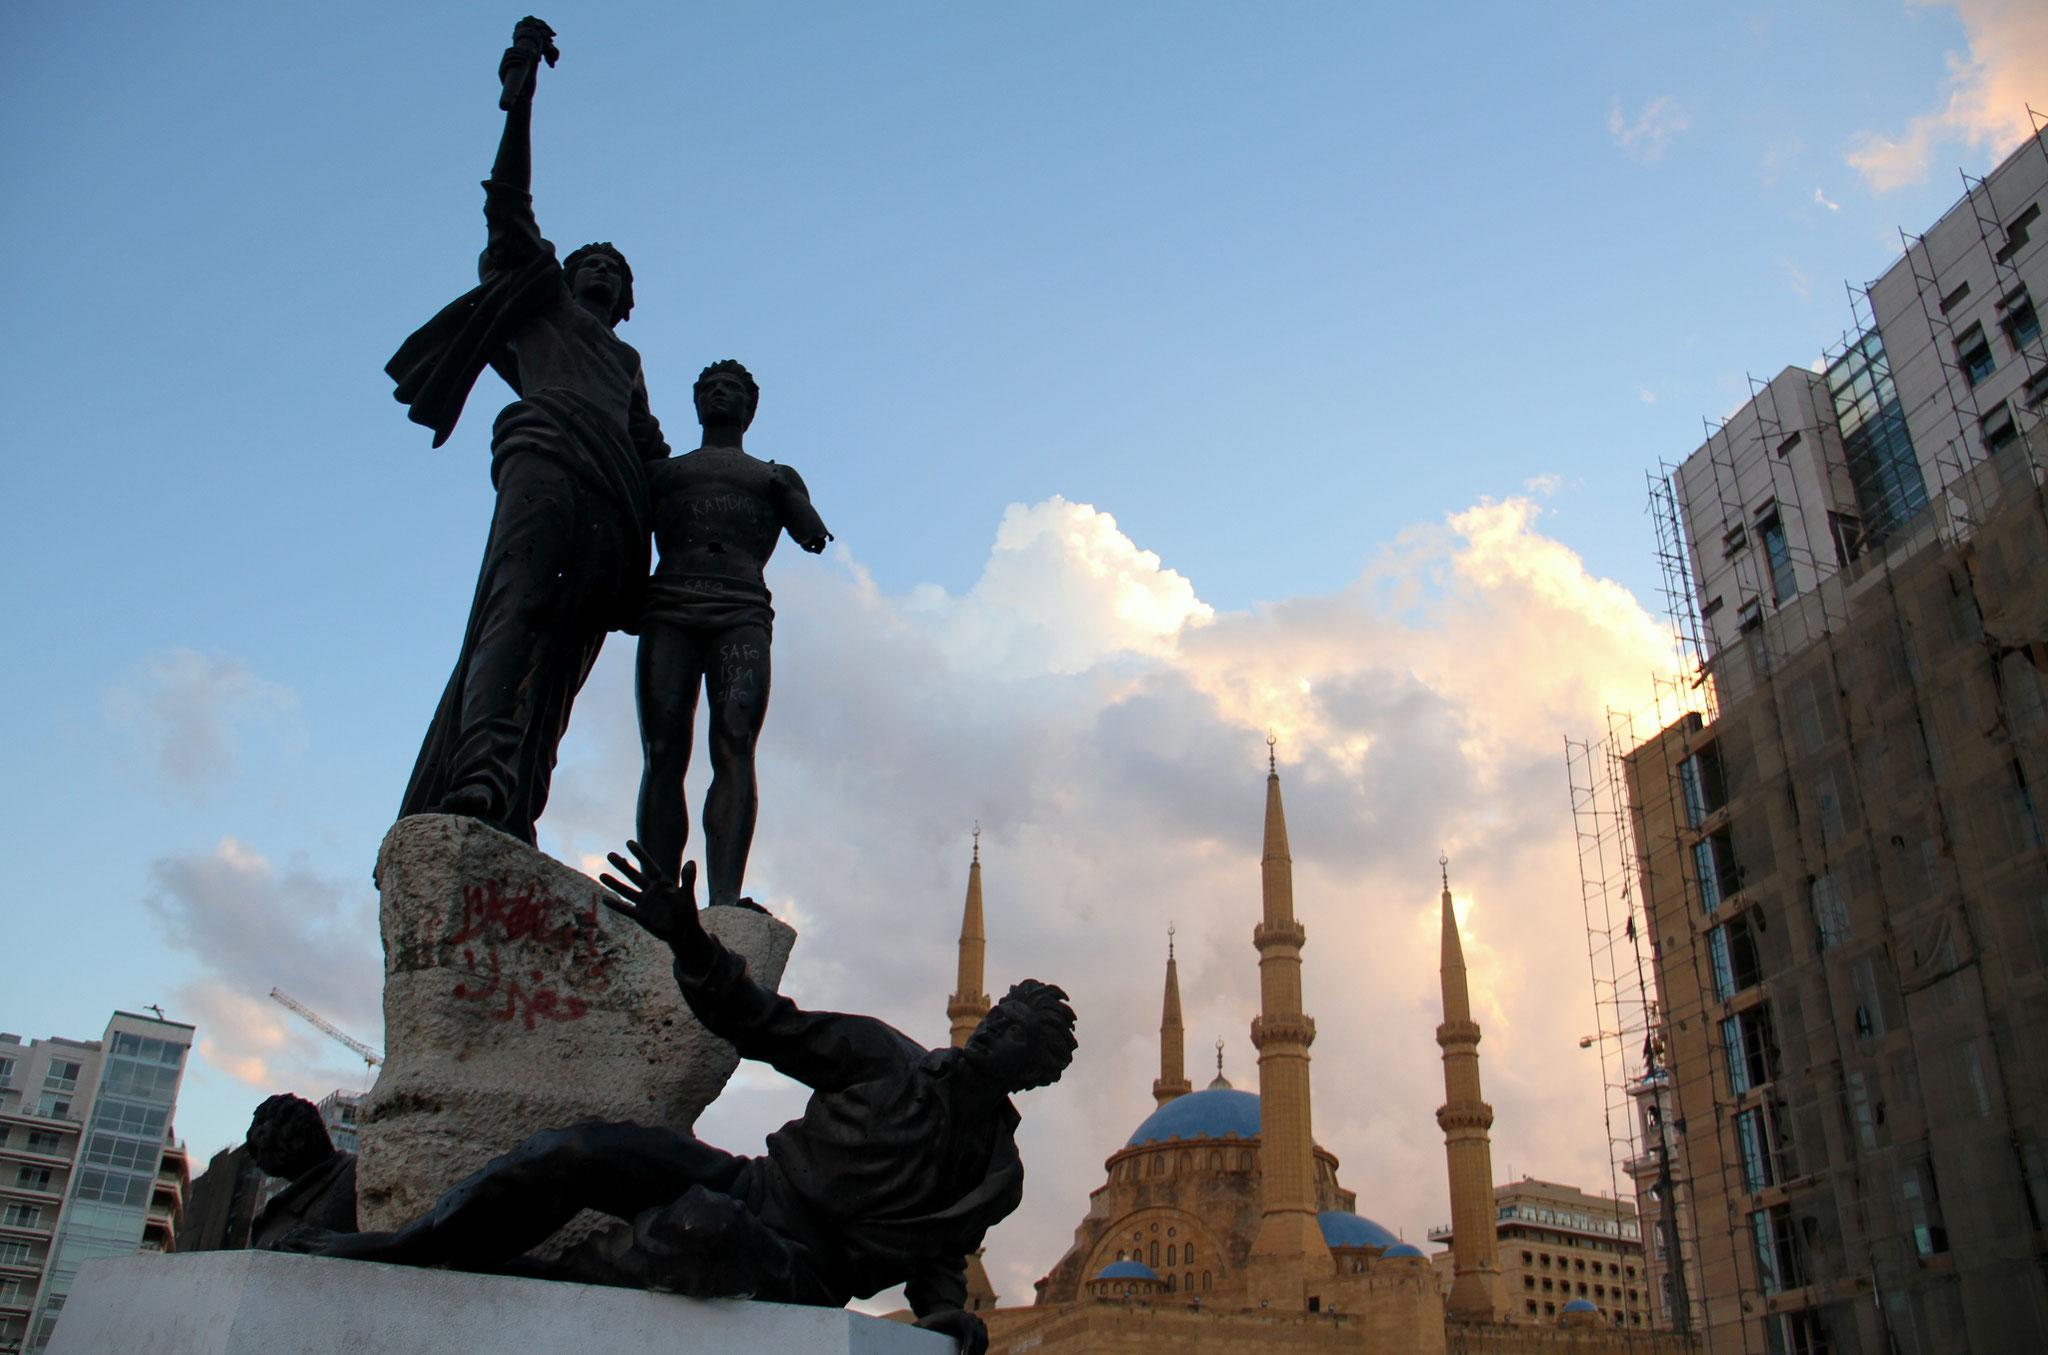 Place des Martyrs à Beyrouth, épicentre de la contestation.( photo Léa Thomas)